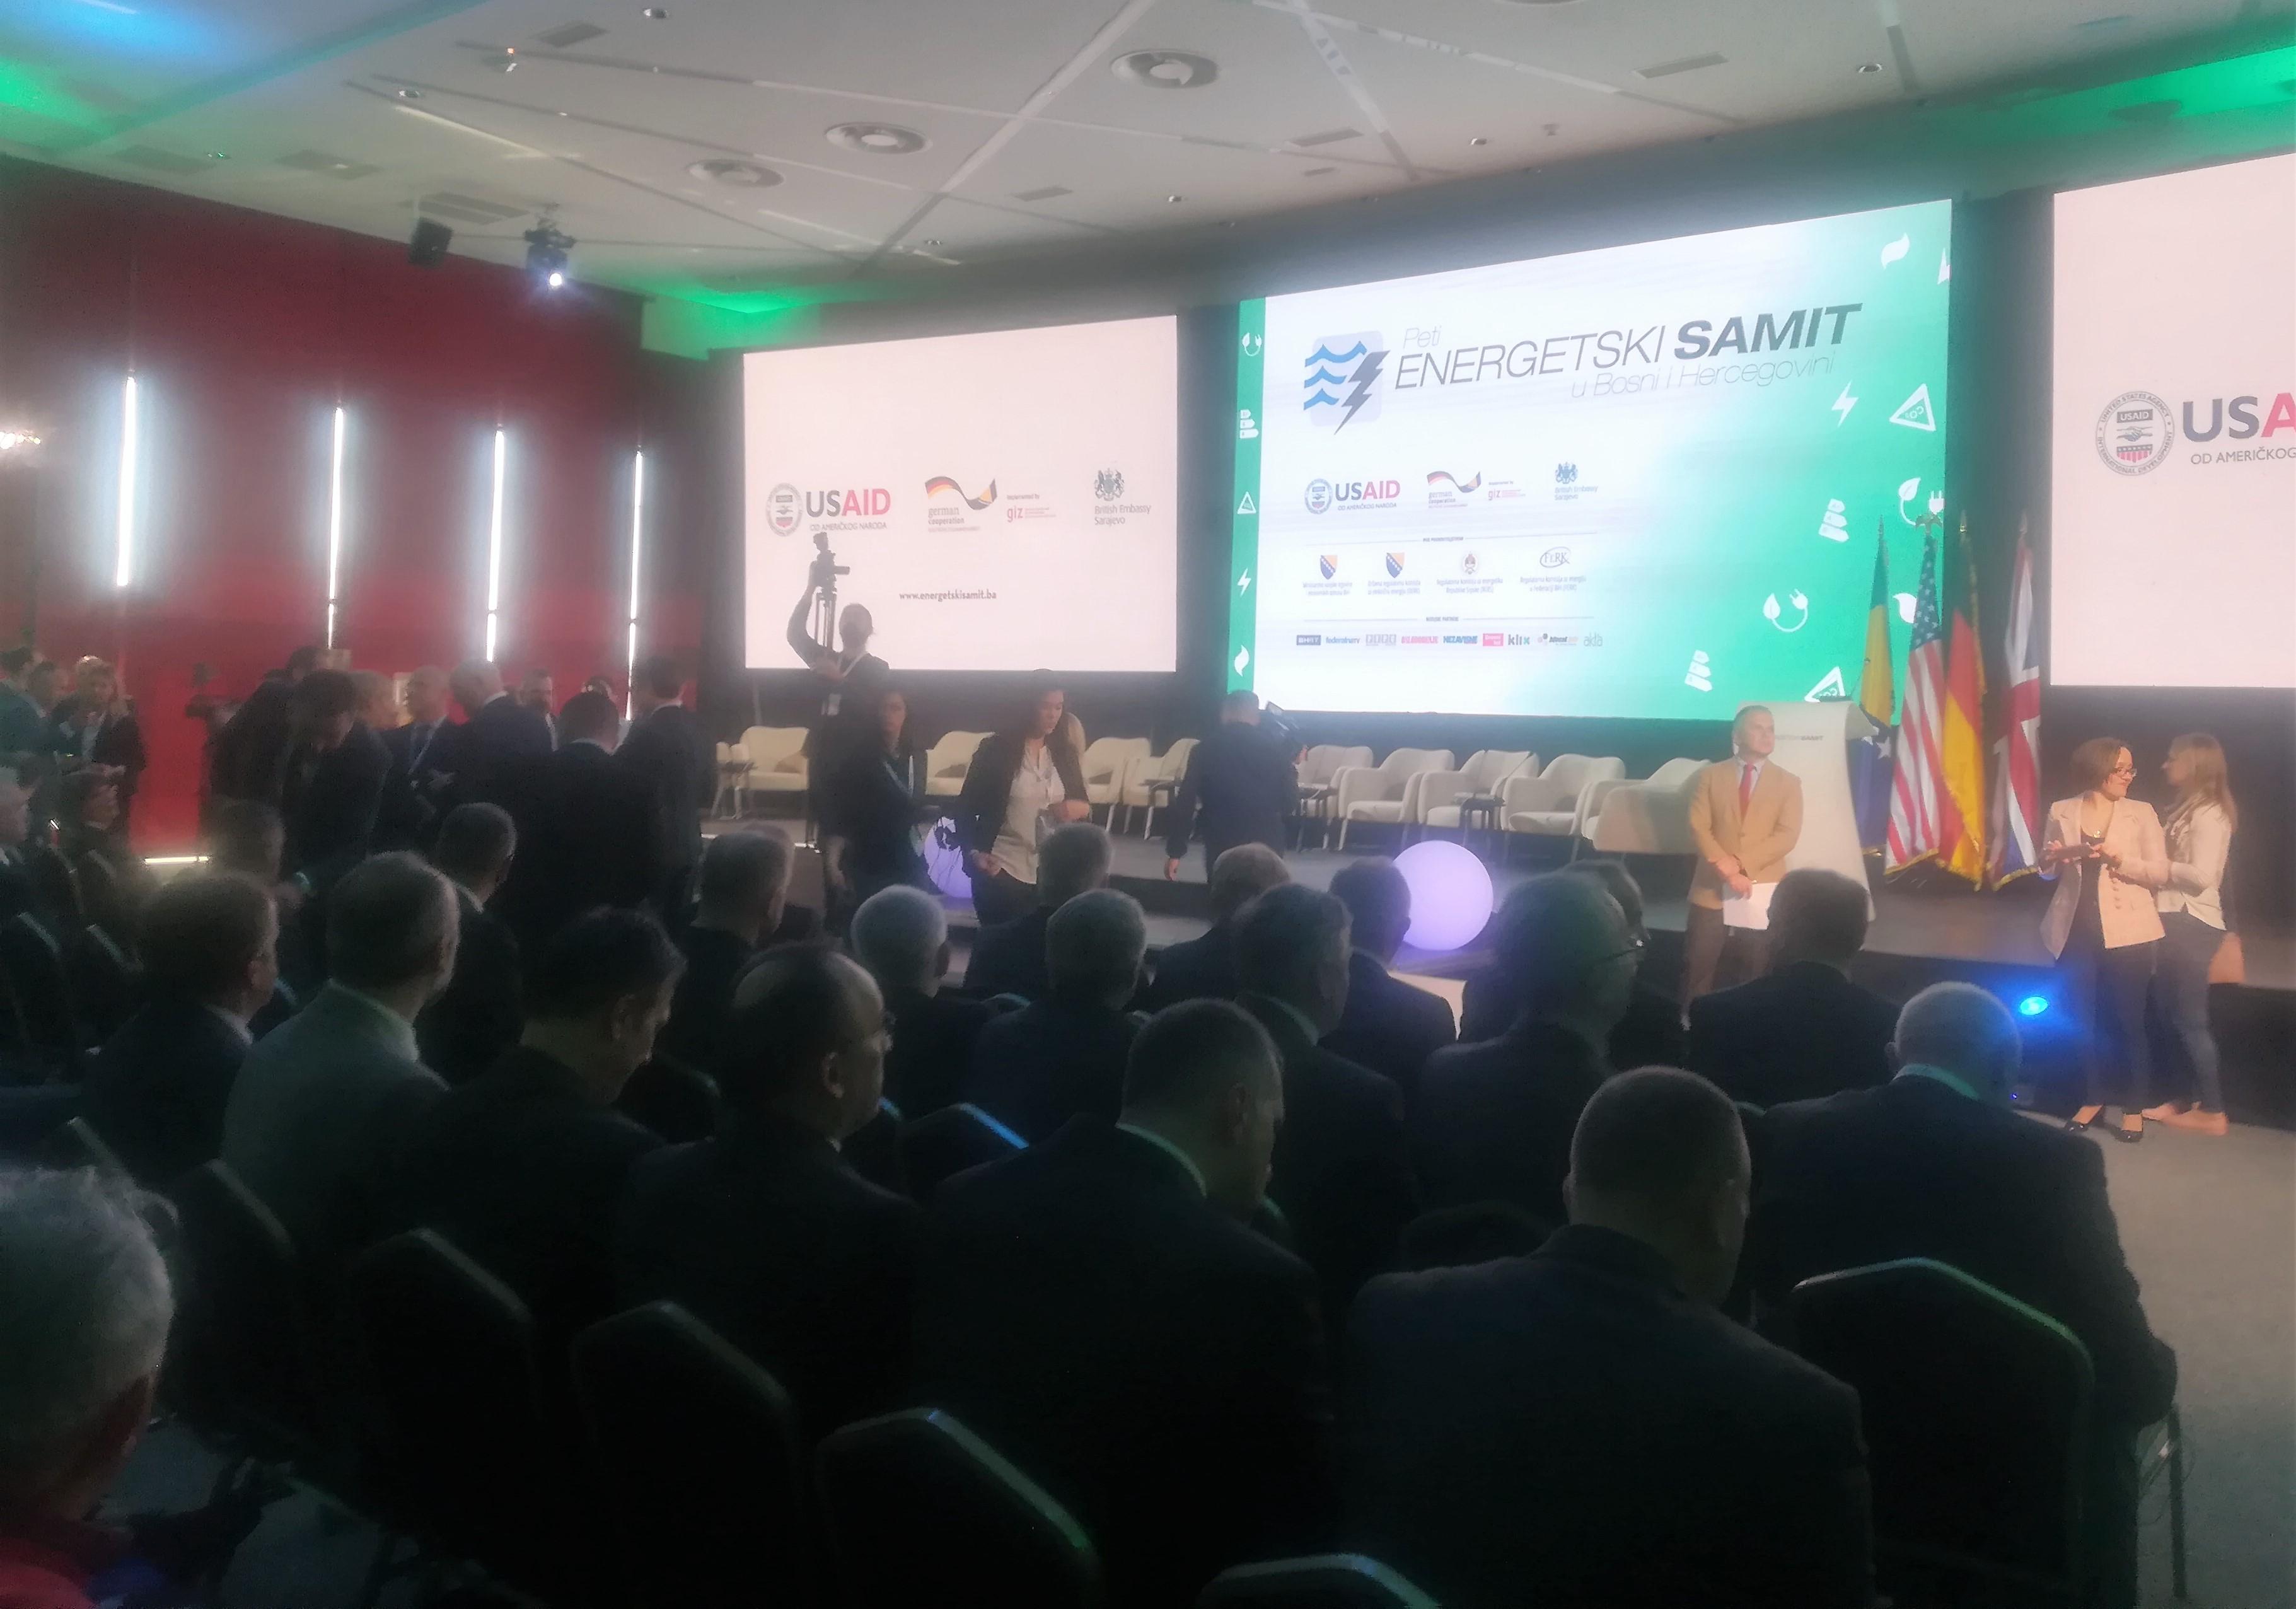 energetski samit